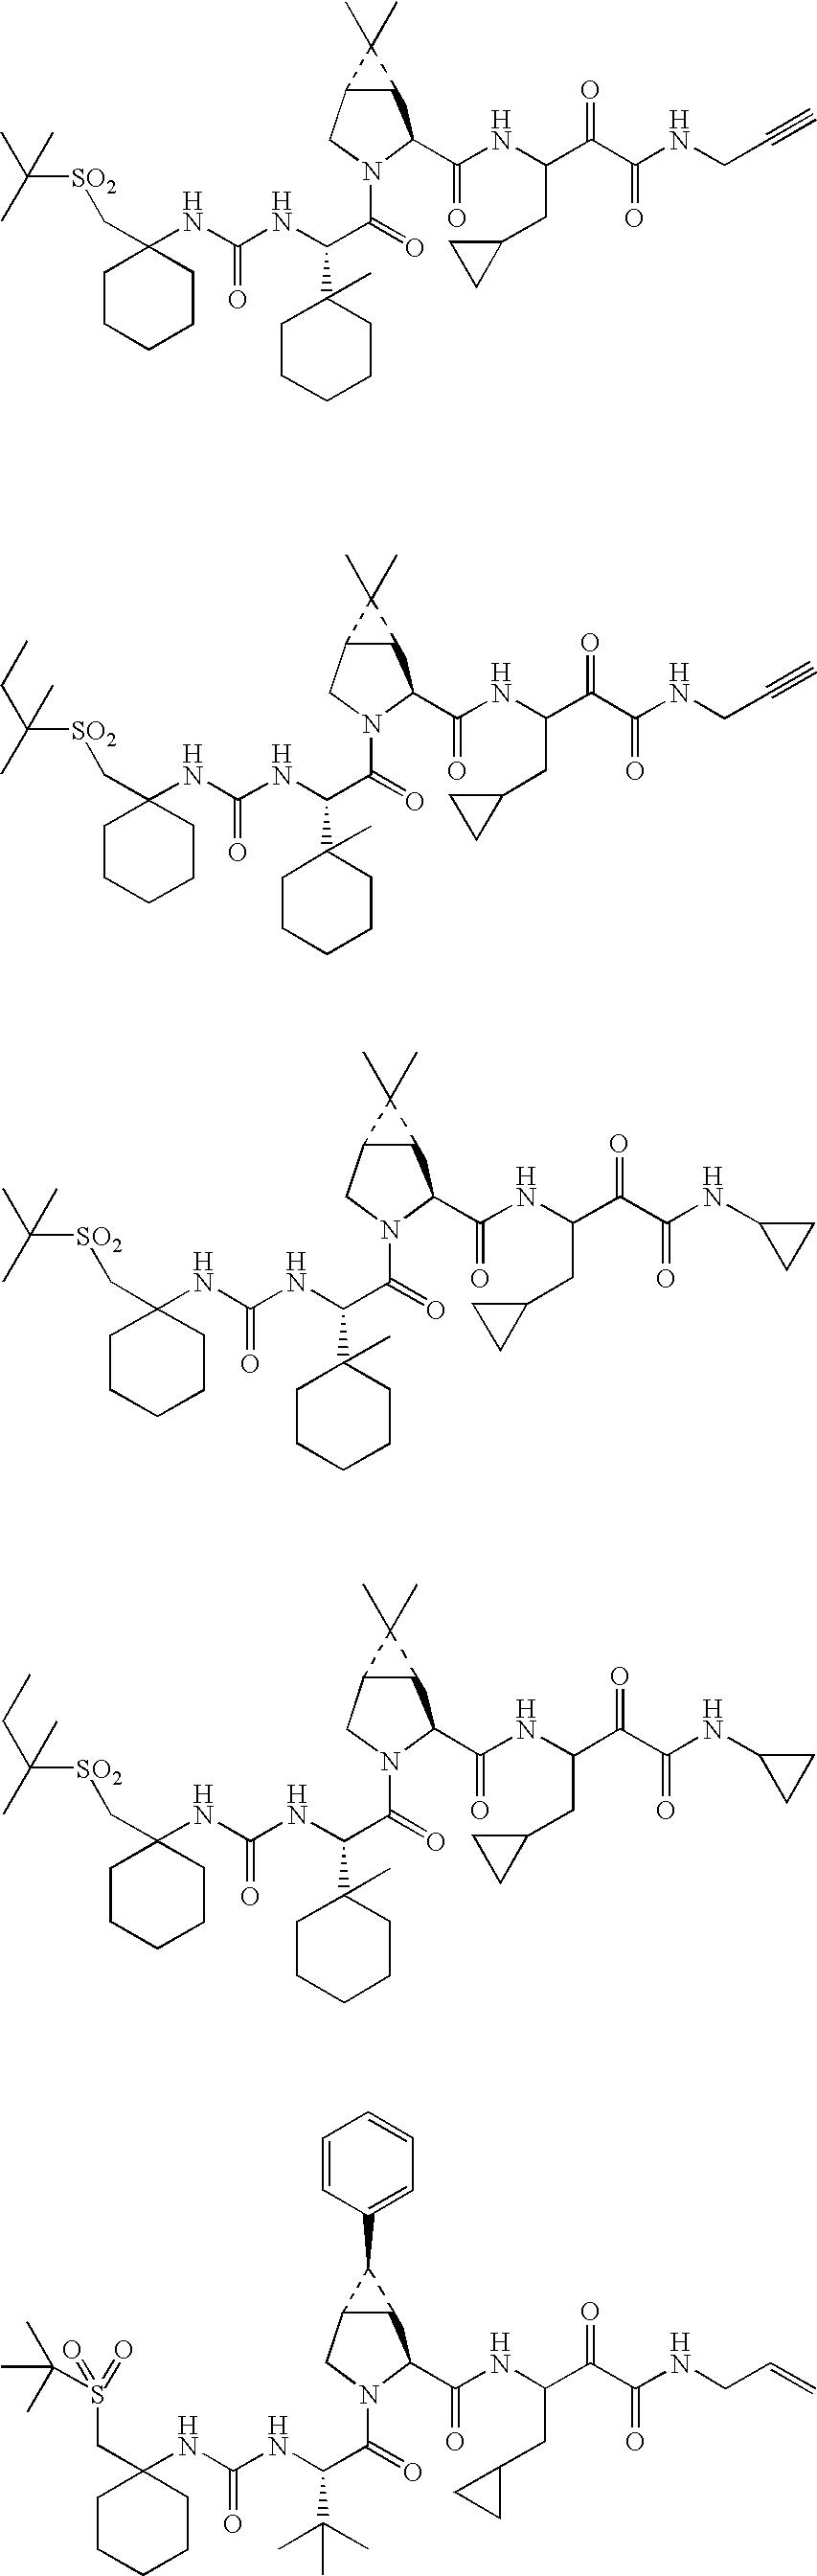 Figure US20060287248A1-20061221-C00475